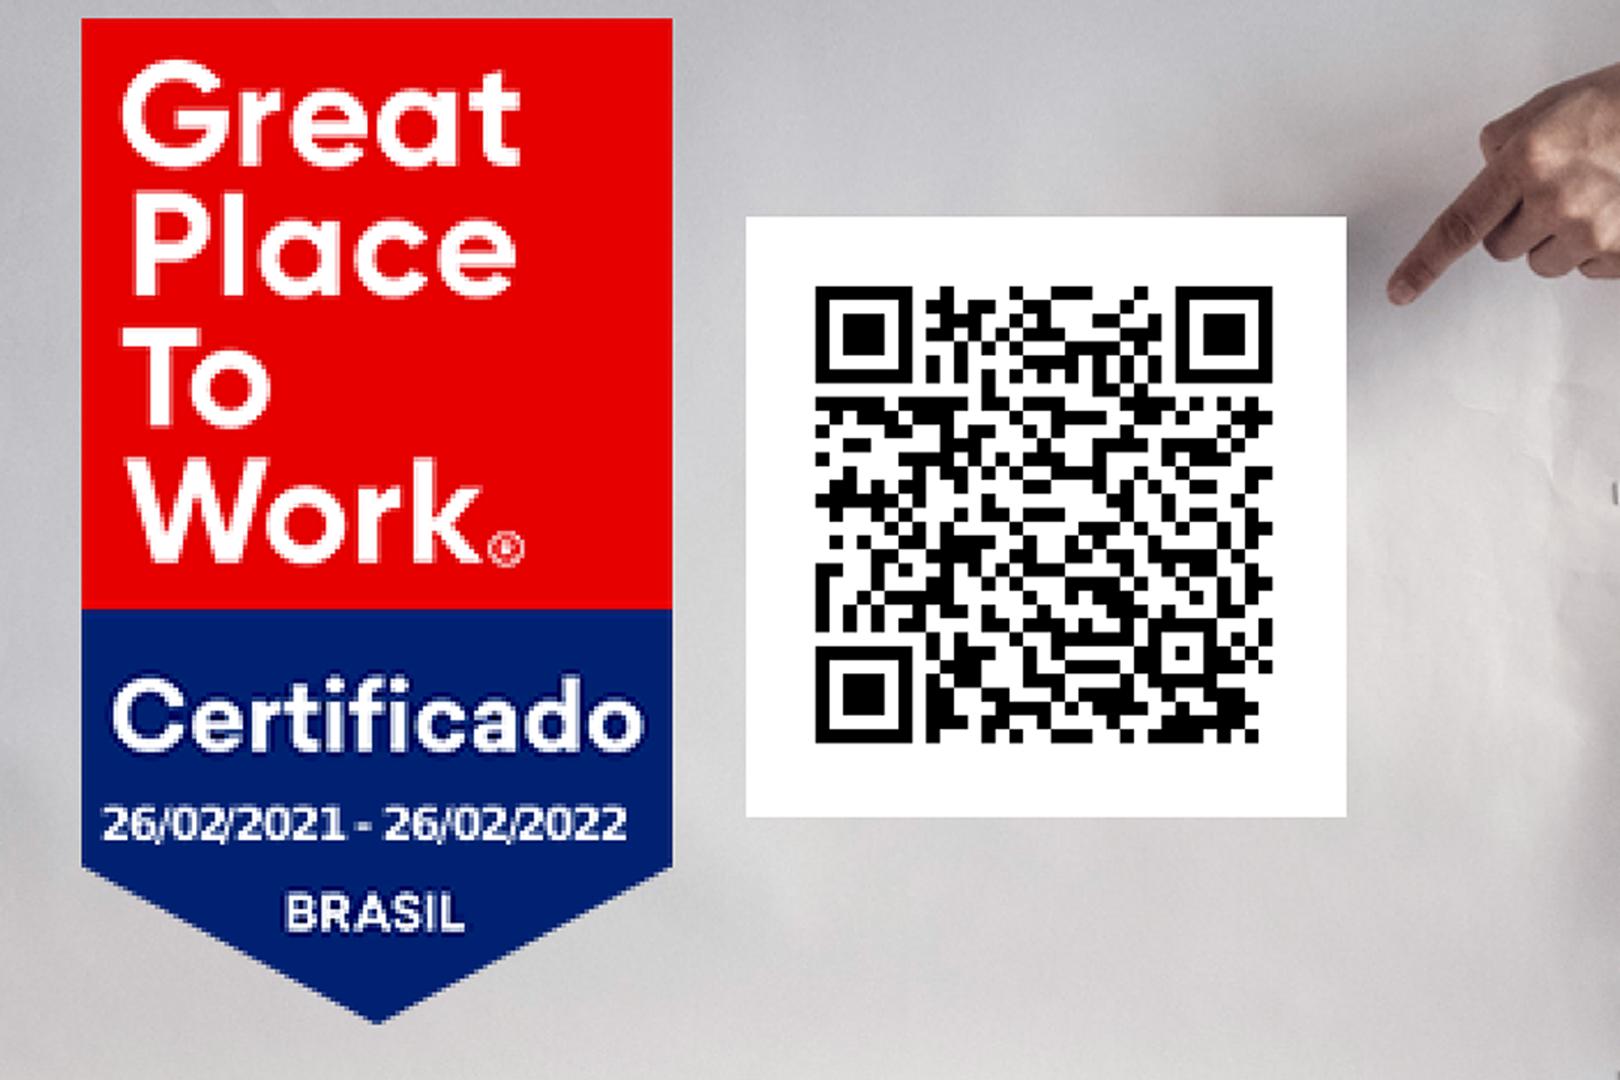 Grupo Carbel recebe o selo de Great Place to Work pelo segundo ano consecutivo